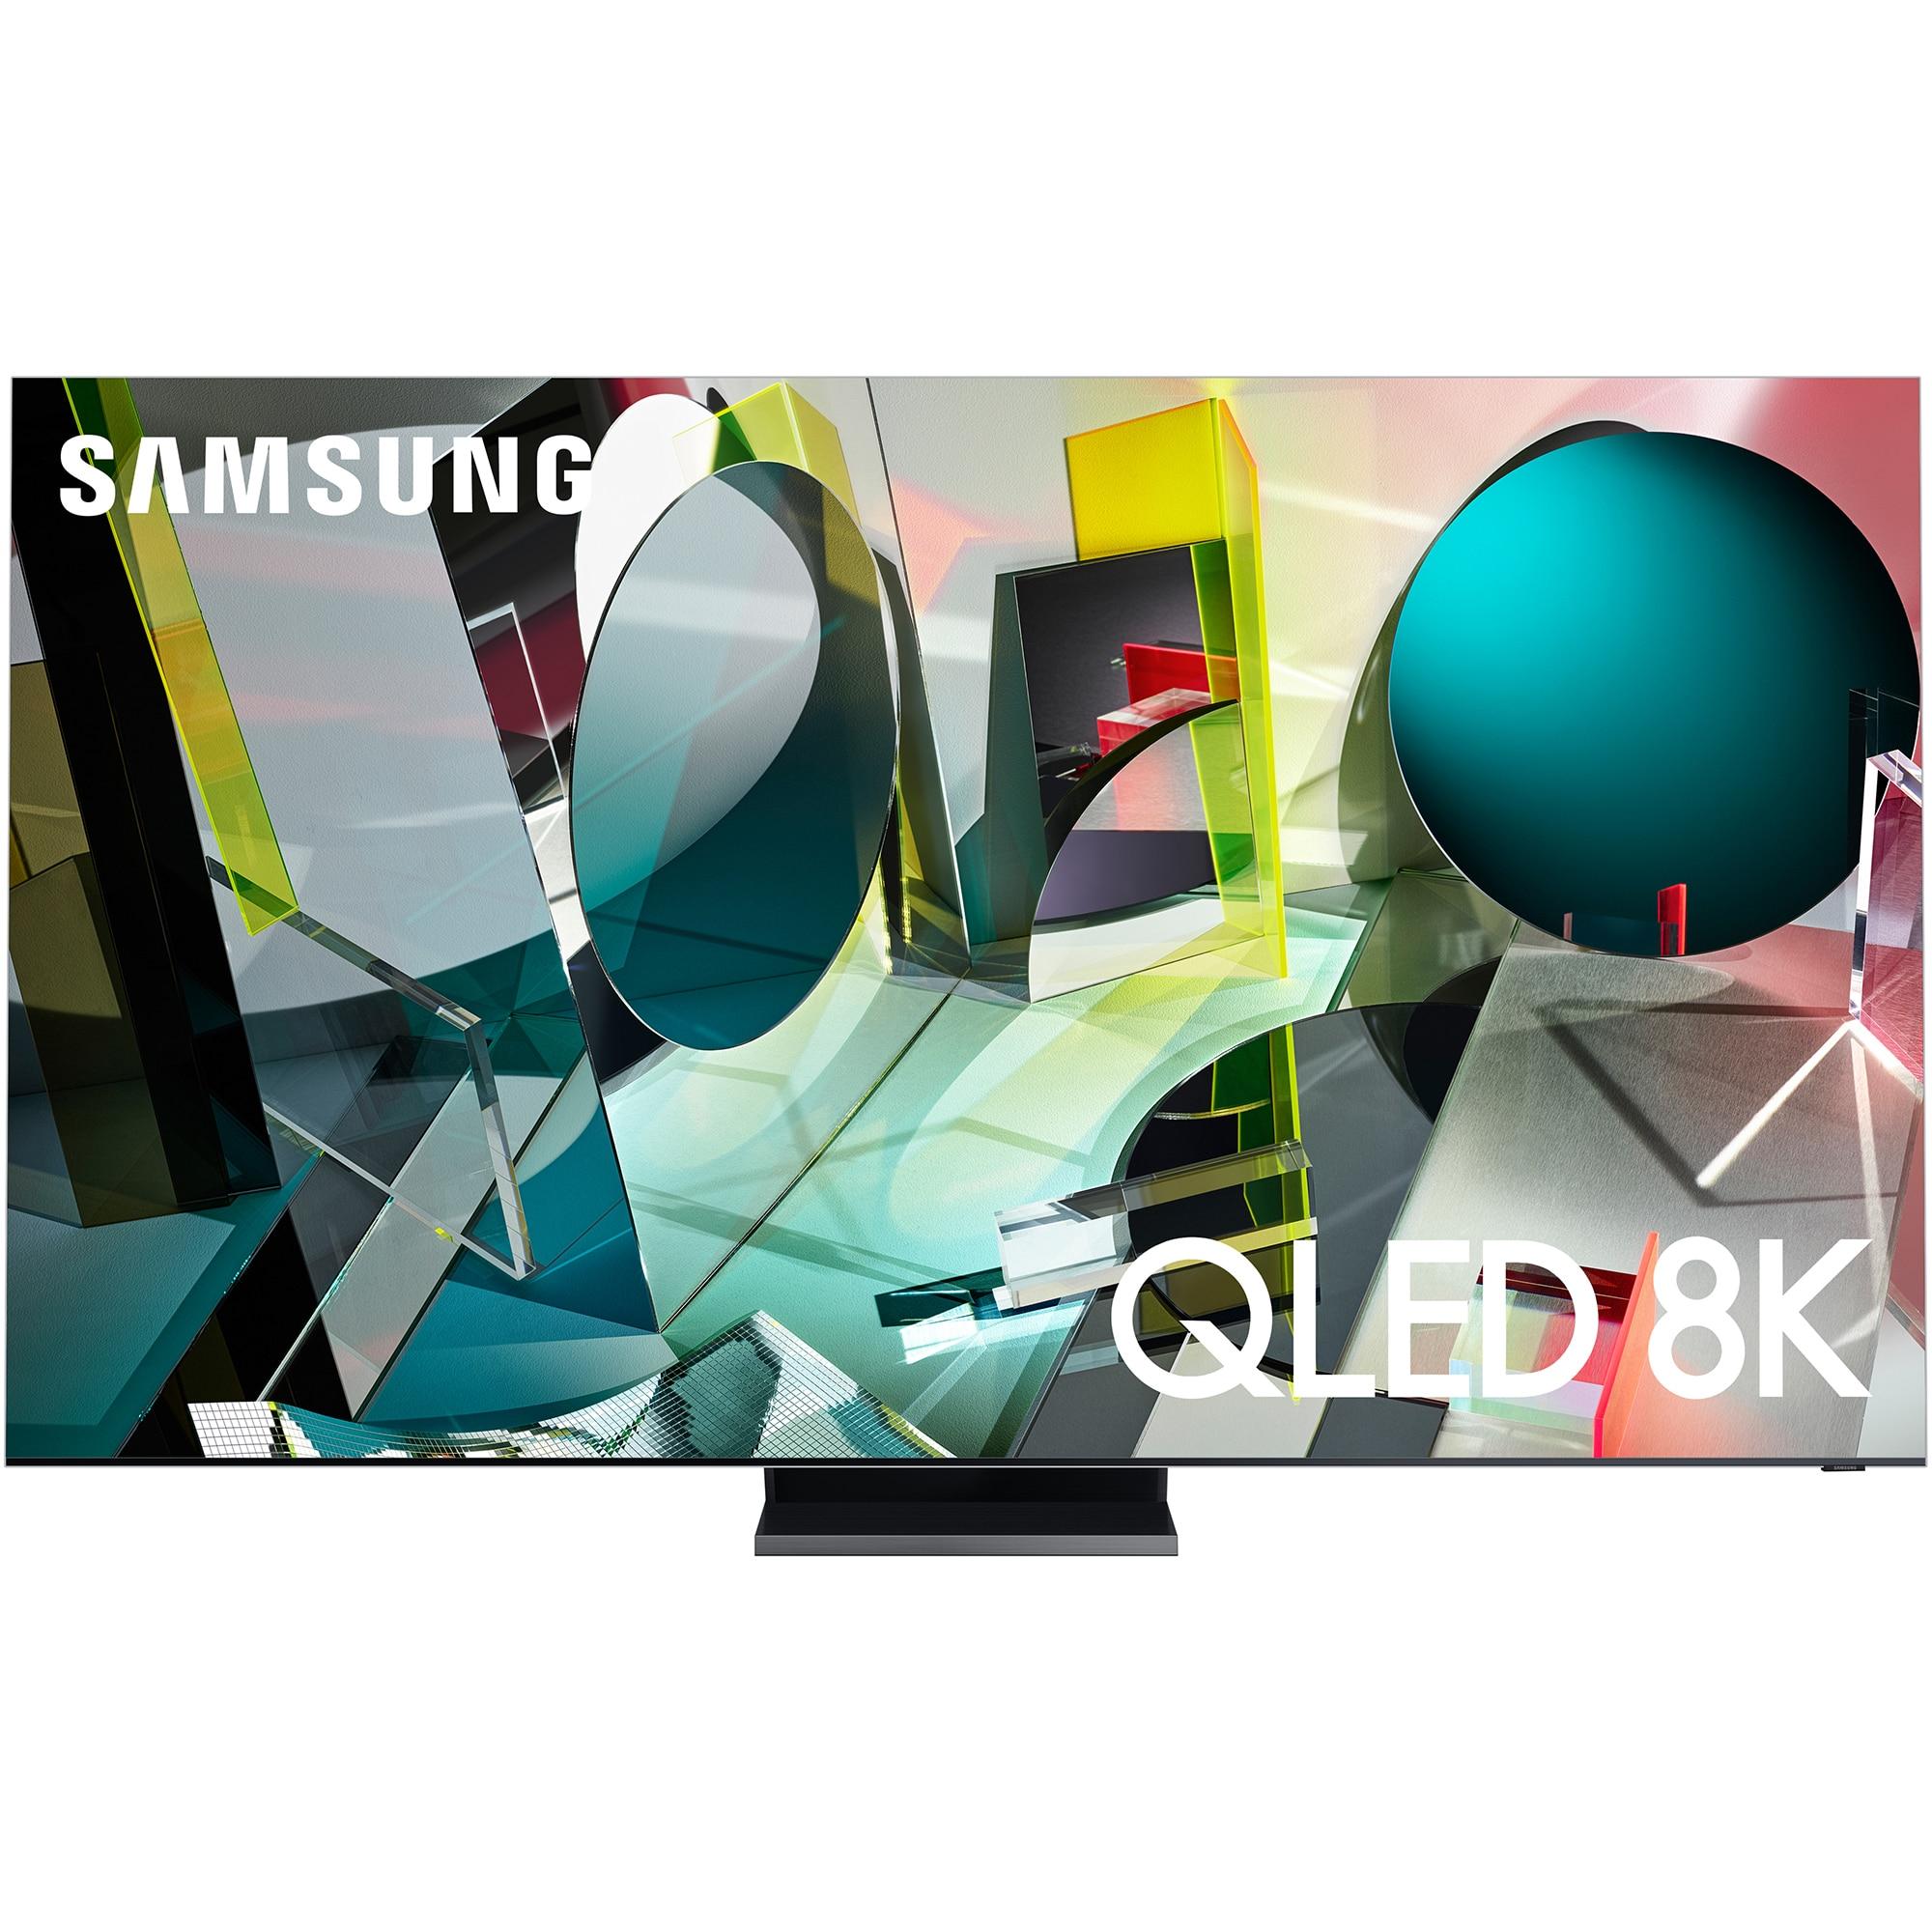 Fotografie Televizor Samsung 65Q950T, 163 cm, Smart, 8K Ultra HD, QLED, Clasa G